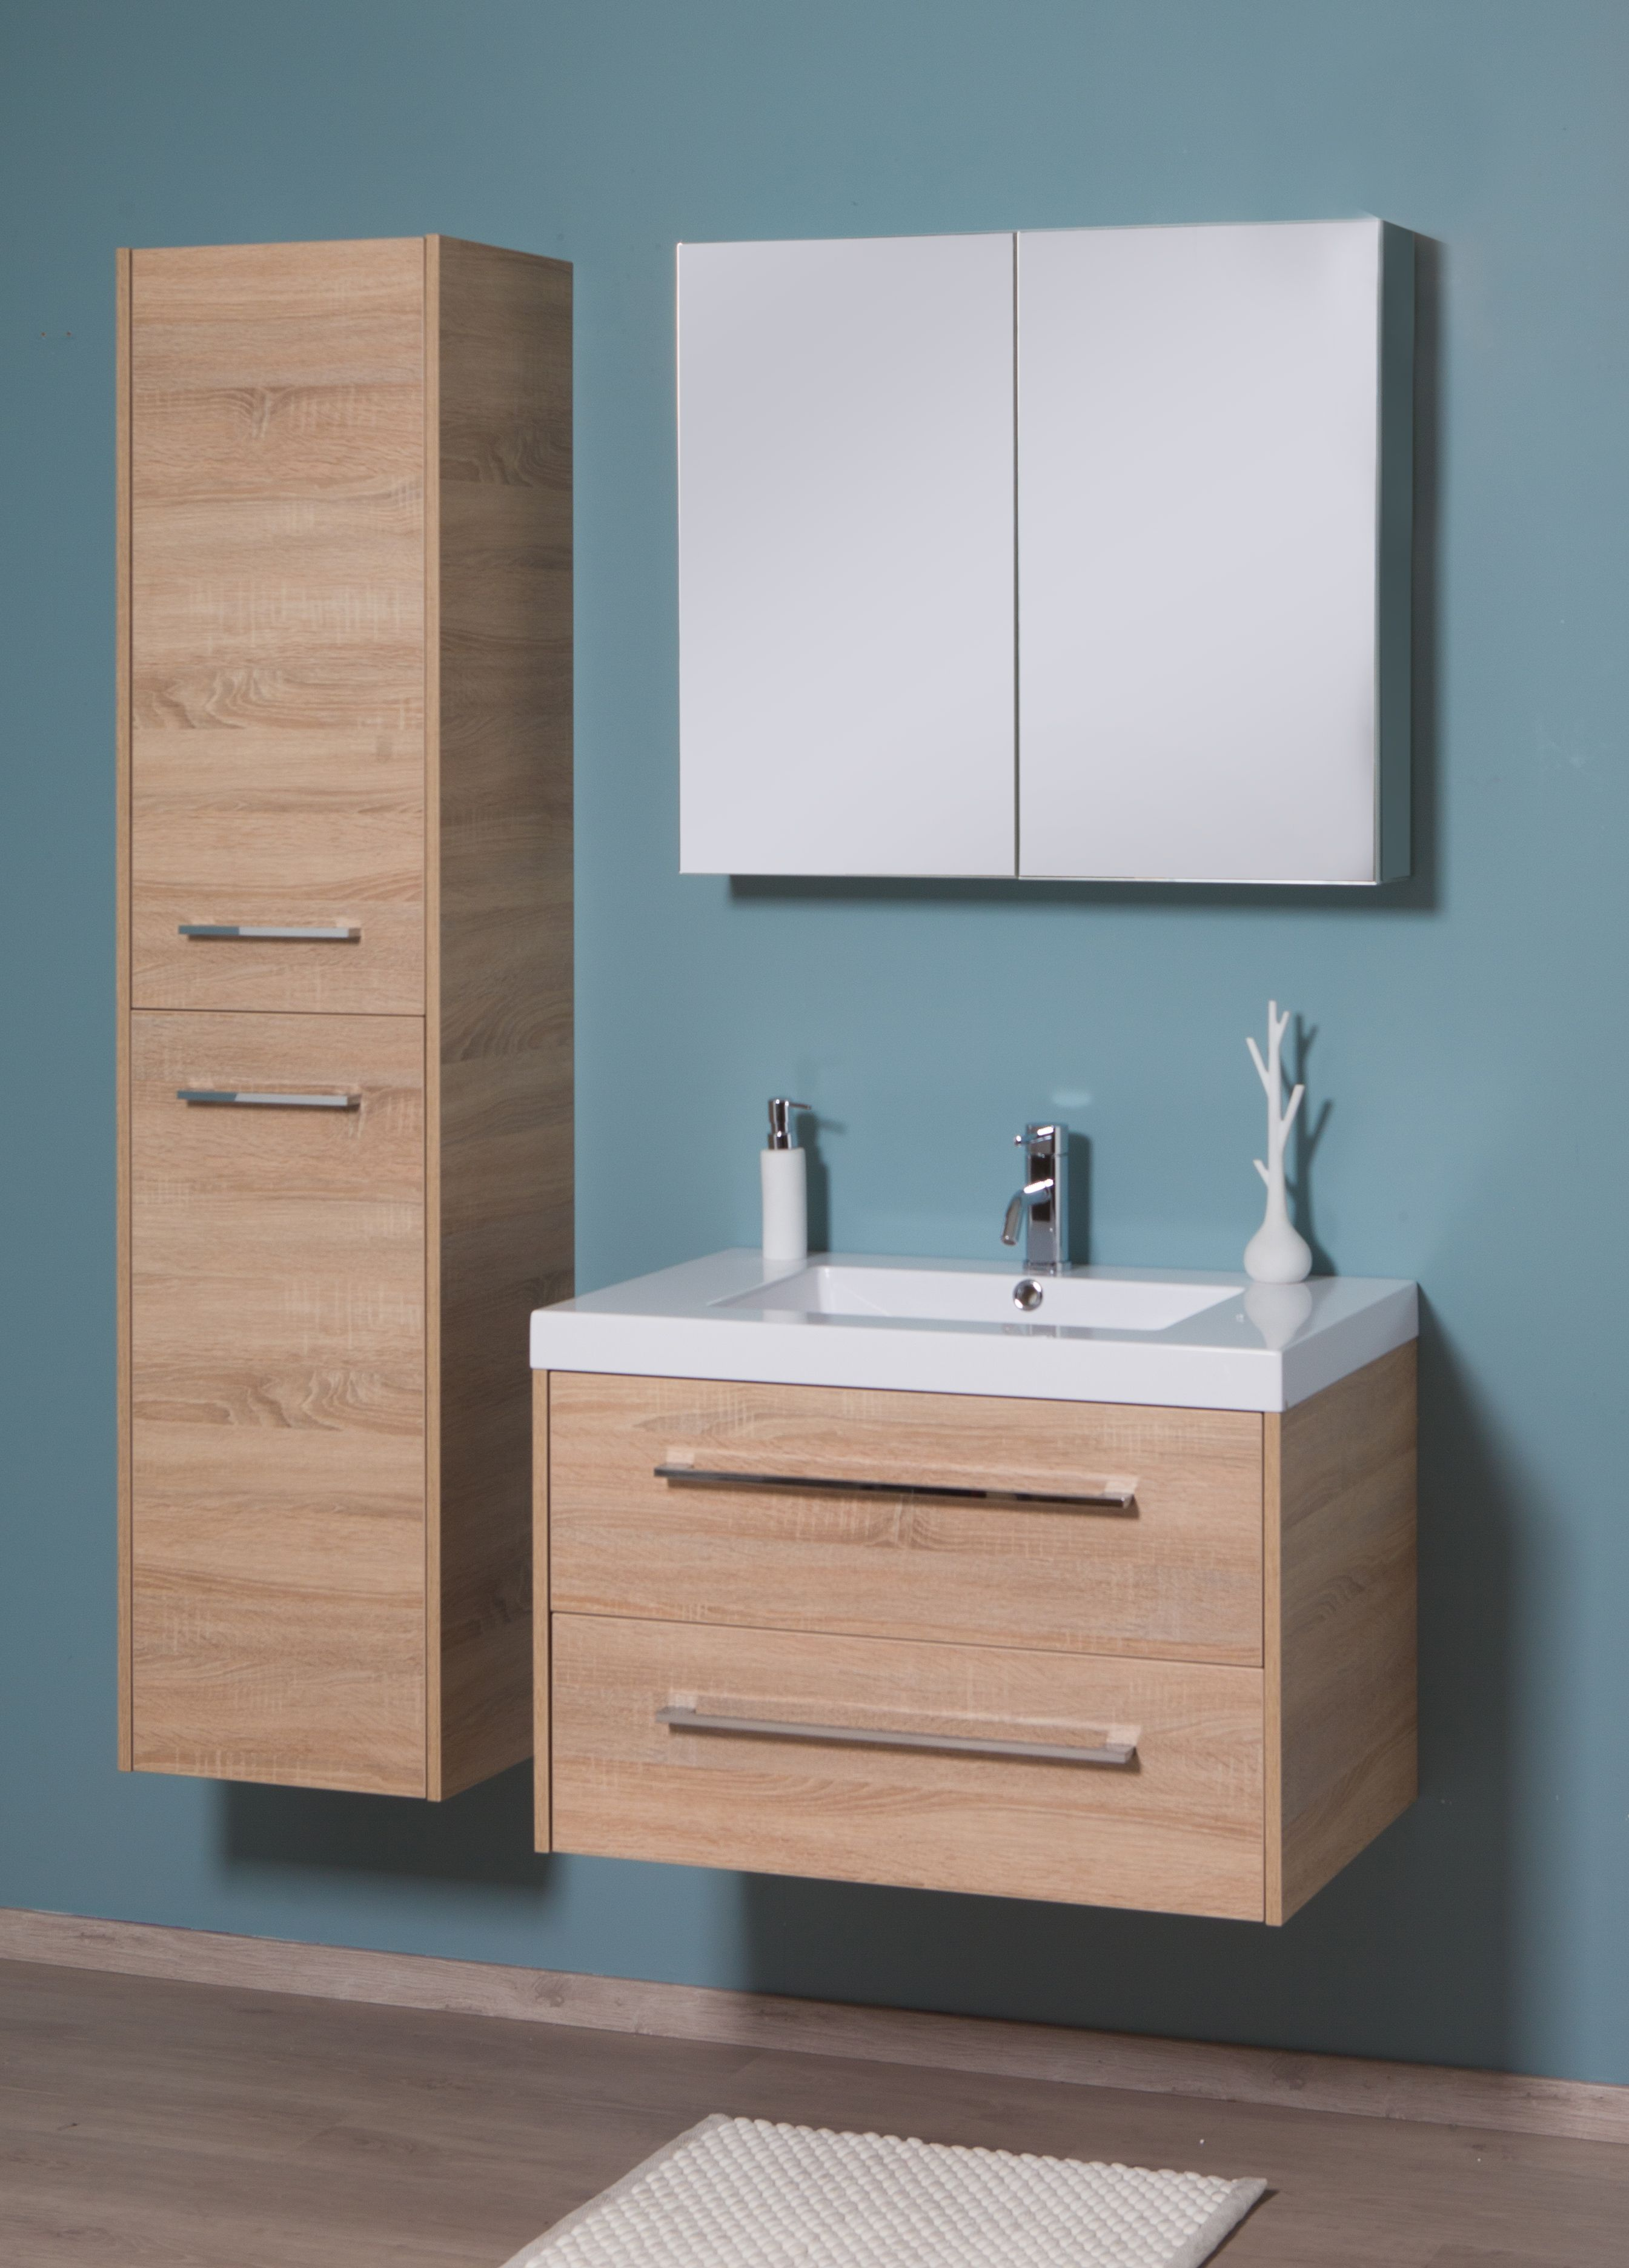 badkamermeubel dinah enkel tijdloze badkamermeubels pinterest